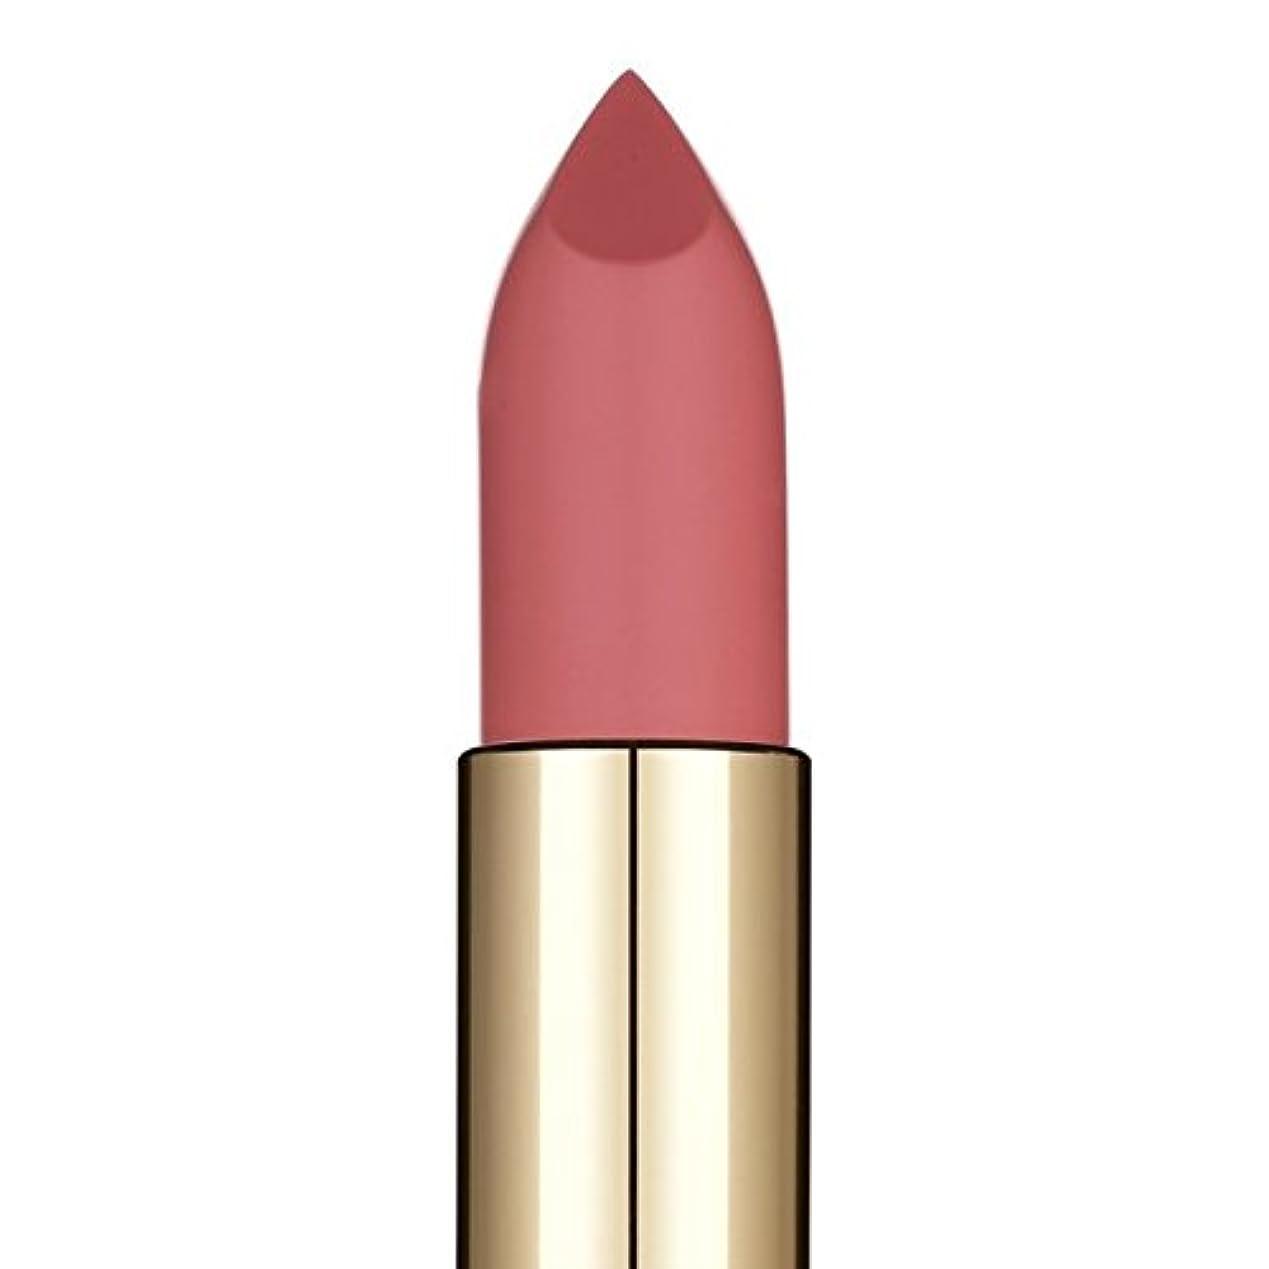 接触ポンプ不変ロレアルパリ色リッシュ口紅マット、 640 x4 - L'Oreal Paris Color Riche Lipstick Matte, Erotique 640 (Pack of 4) [並行輸入品]